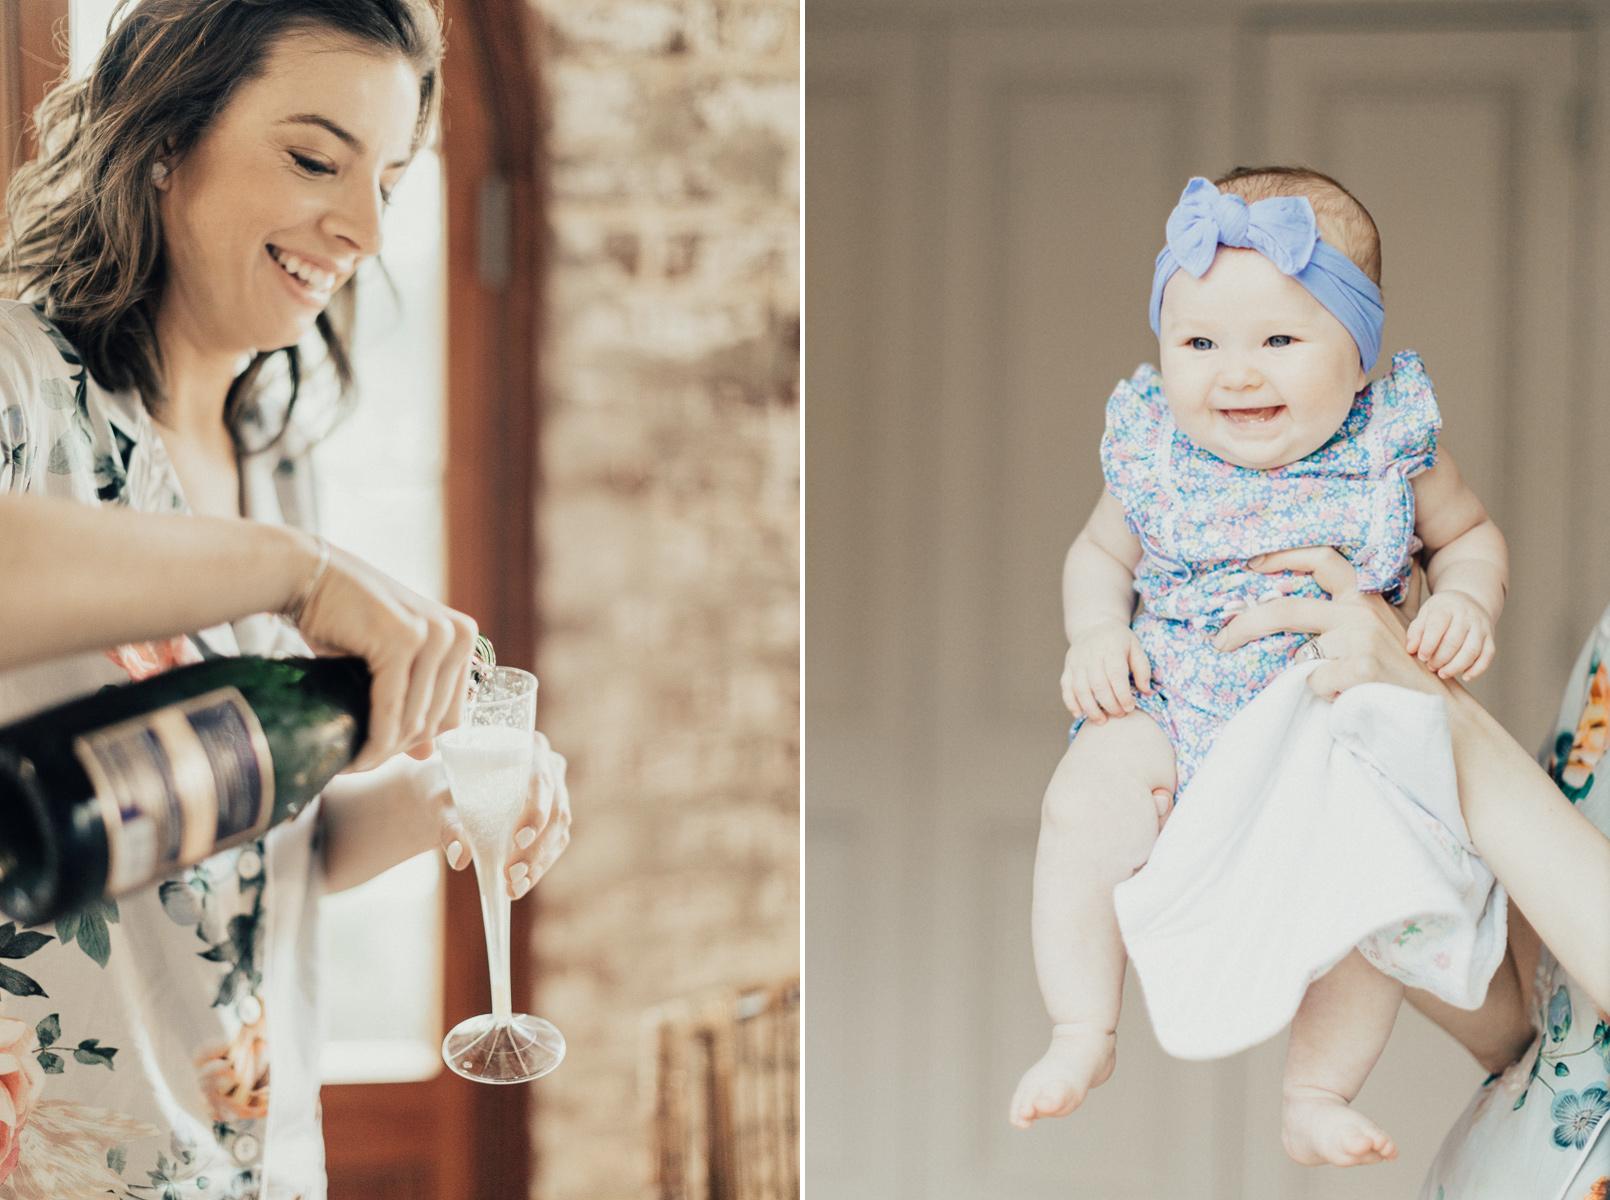 rachel-matthew-charleston-sc-wedding-details-2.jpg